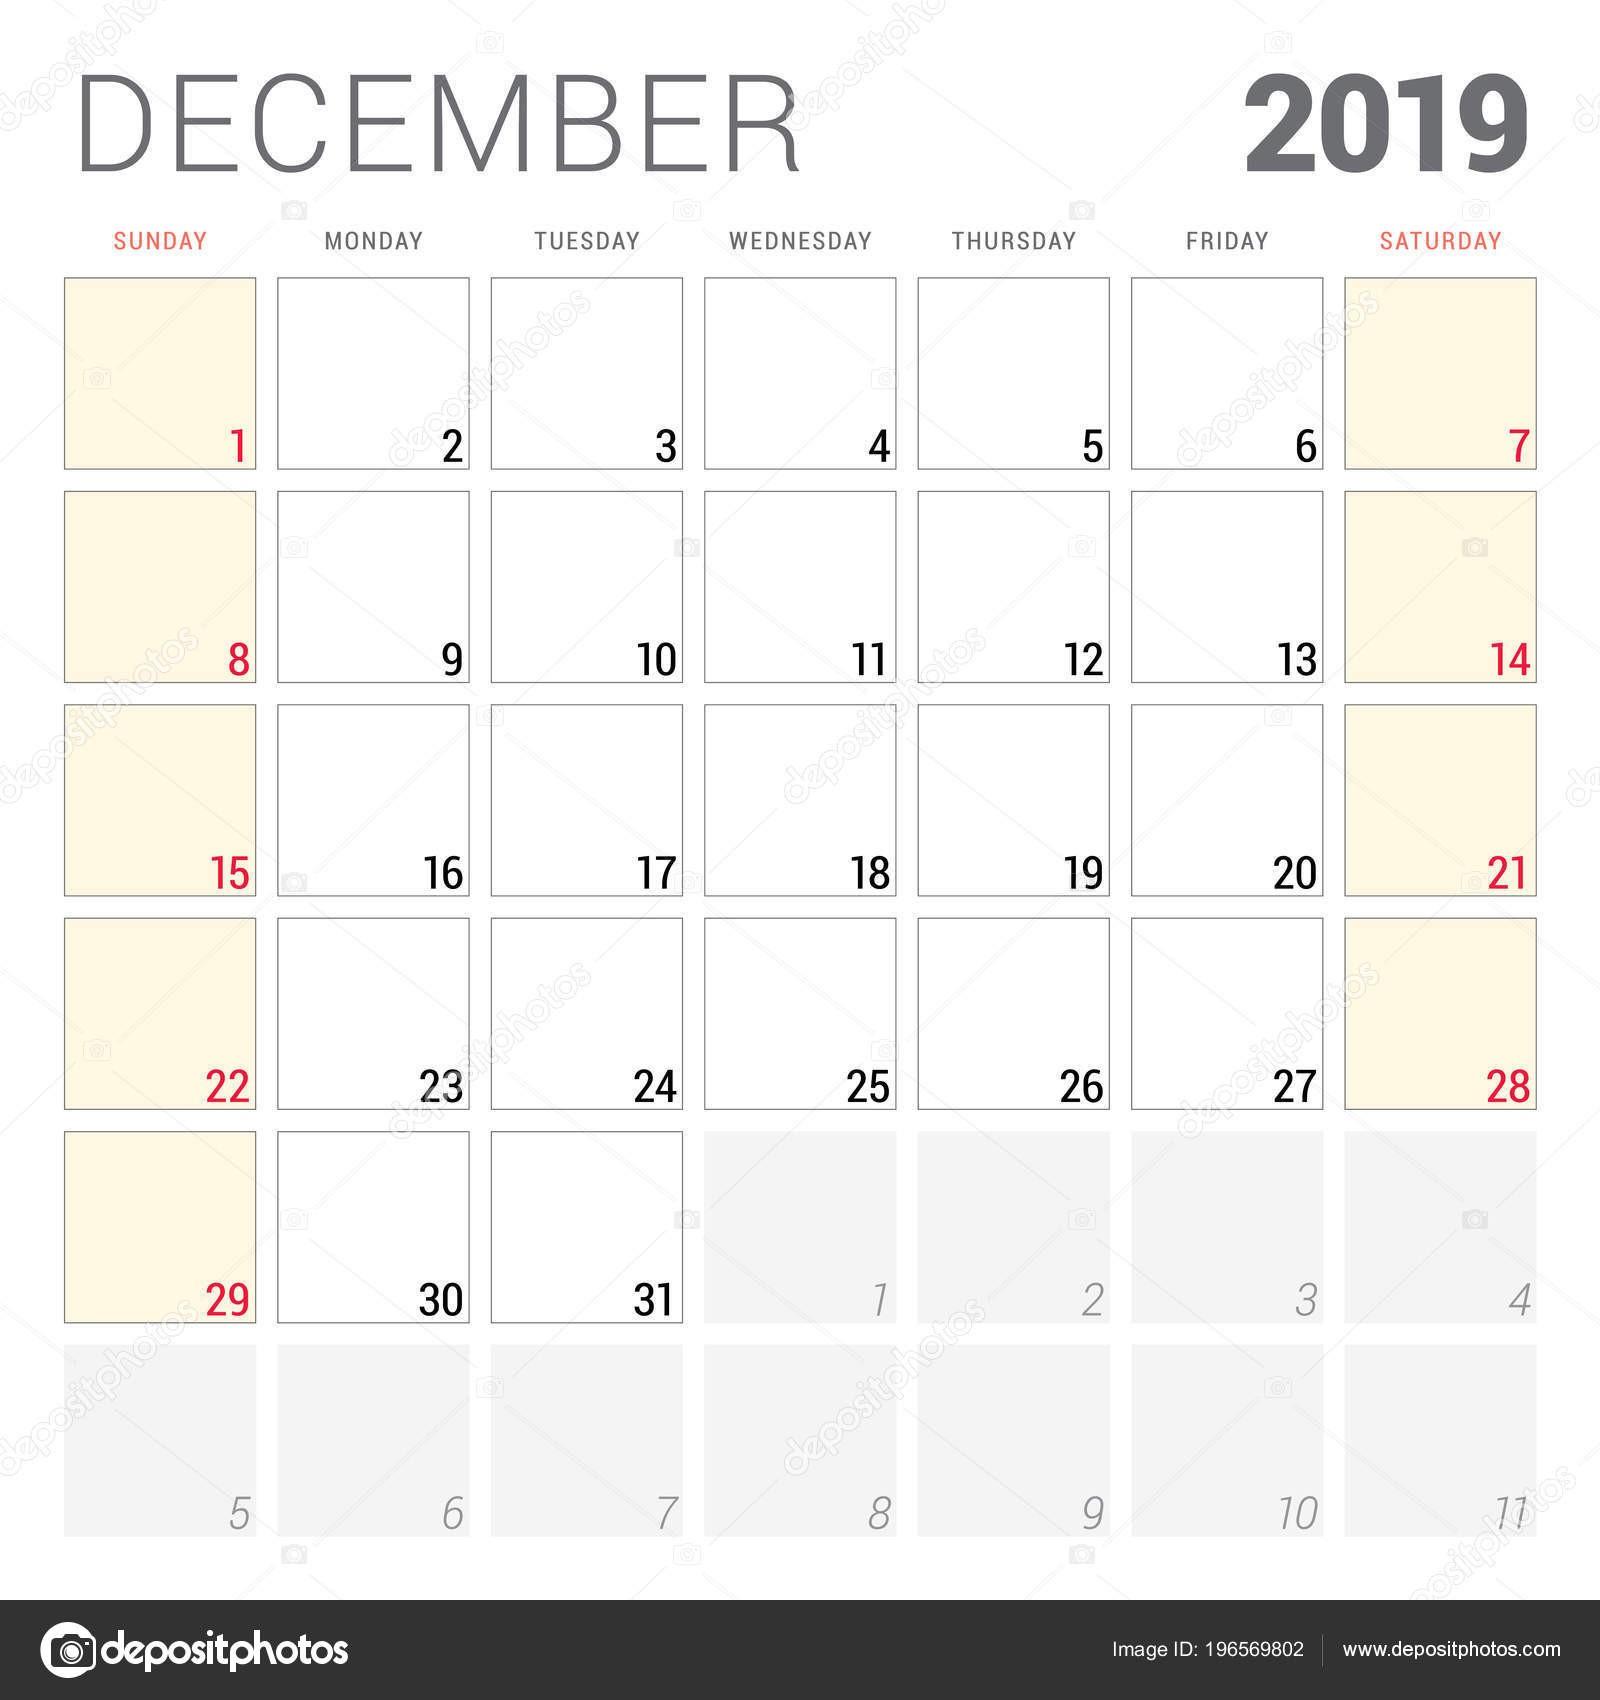 Calendario Mes Diciembre Imprimir Más Recientemente Liberado Planificador Calendario Para Diciembre 2019 Semana Ienza Domingo Of Calendario Mes Diciembre Imprimir Más Recientes Imagenes De Calendario 2018